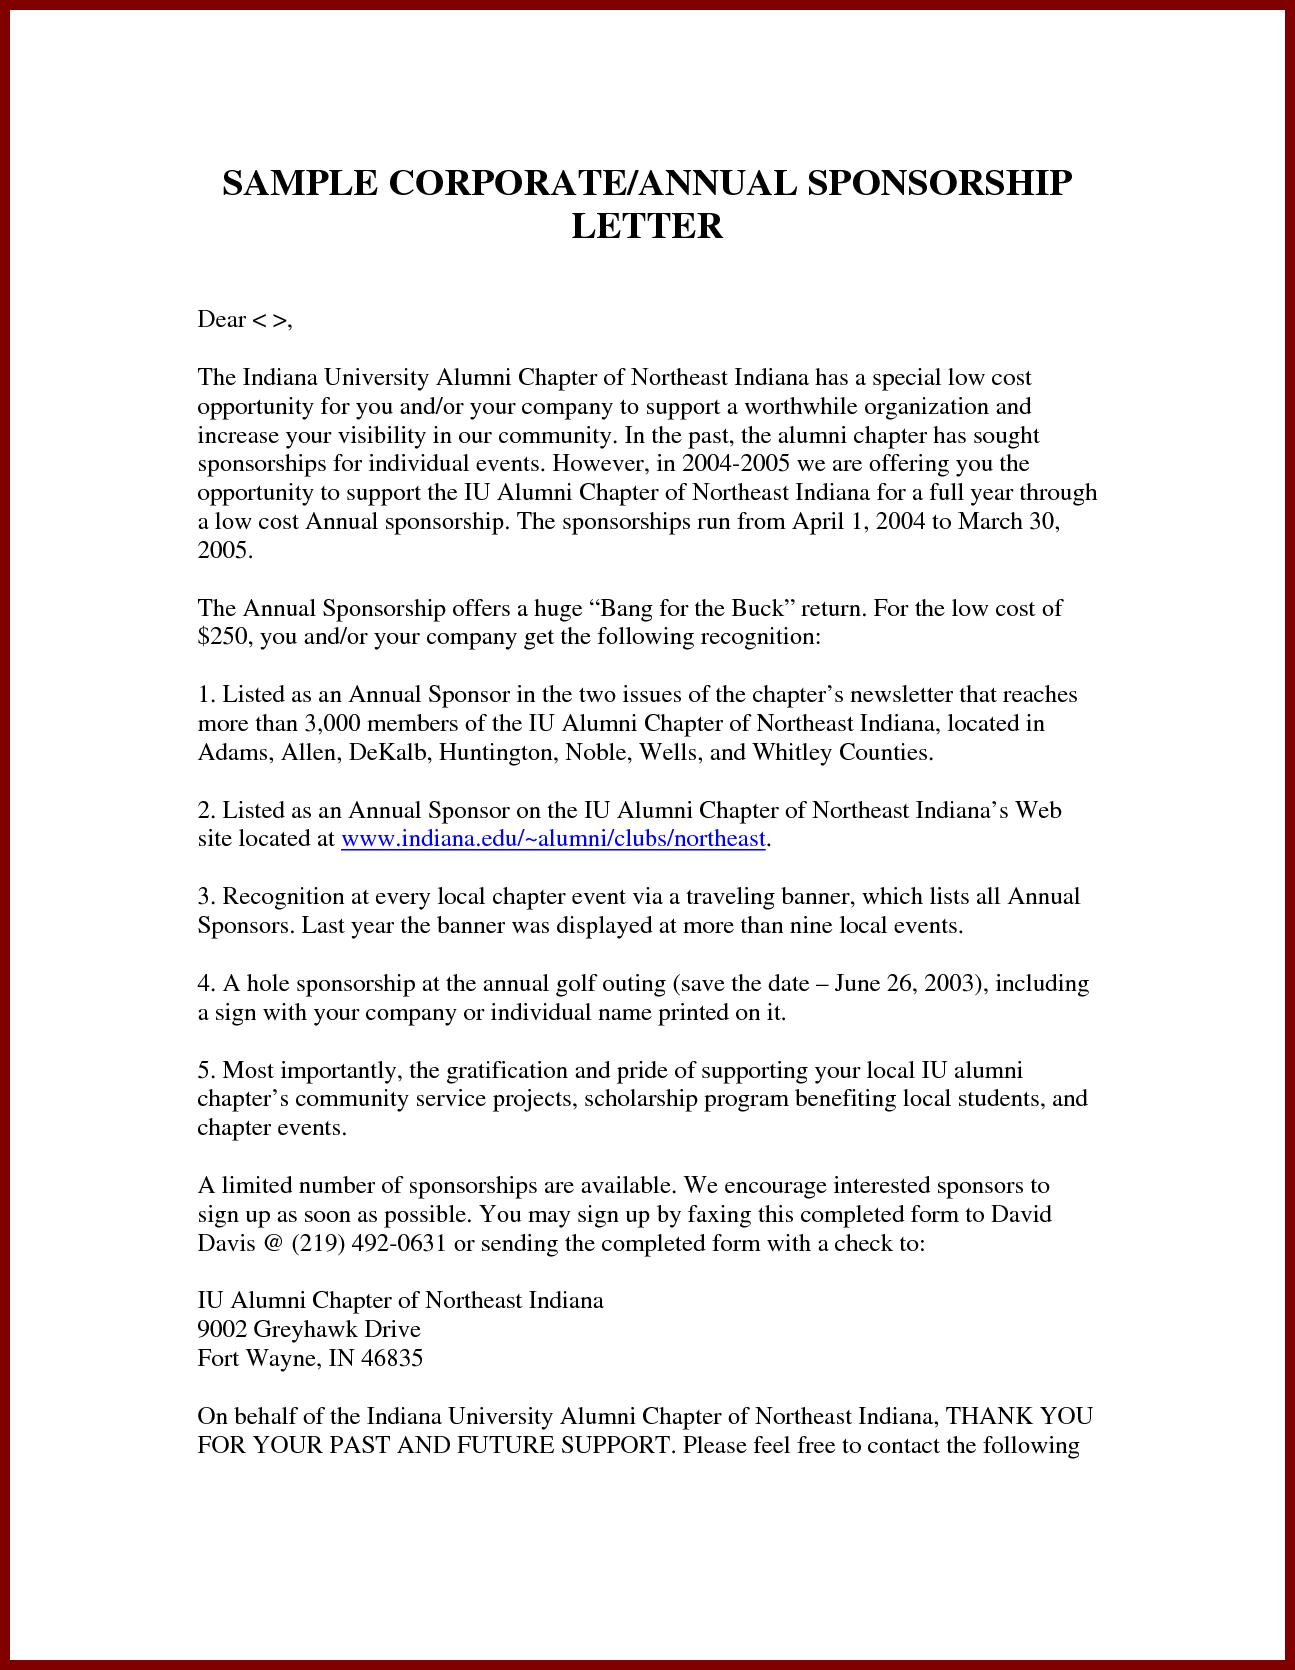 Sponsorship Letter Sample Sendlettersfo Naapletterforsponsorshipg